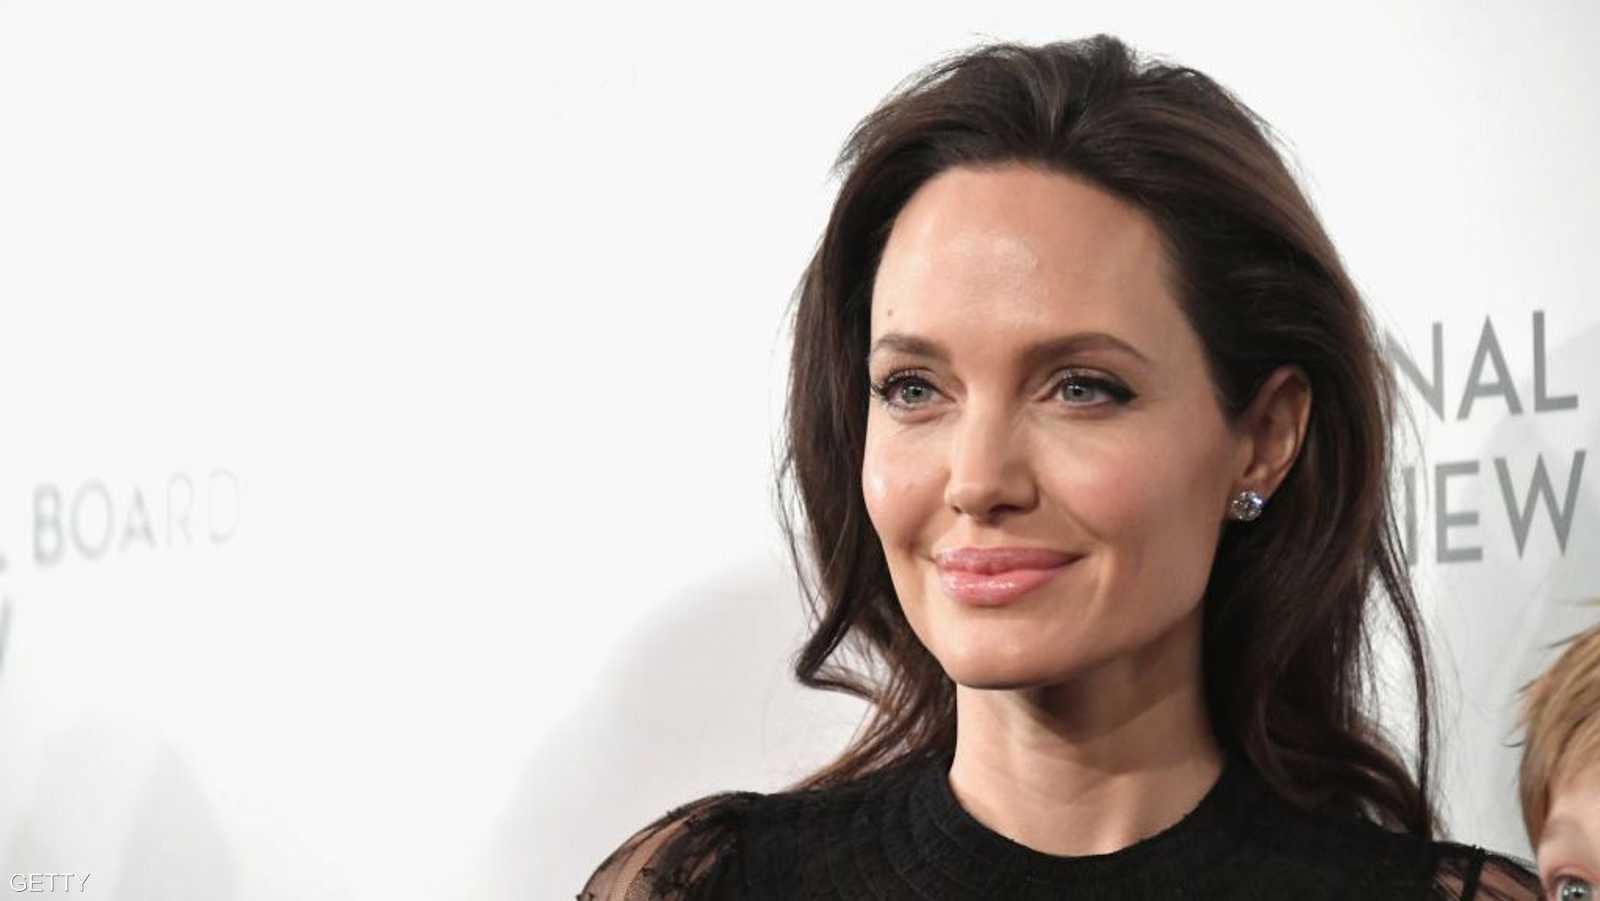 تصدرت جولي قائمة النساء الأكثر إثارة للإعجاب في العالم